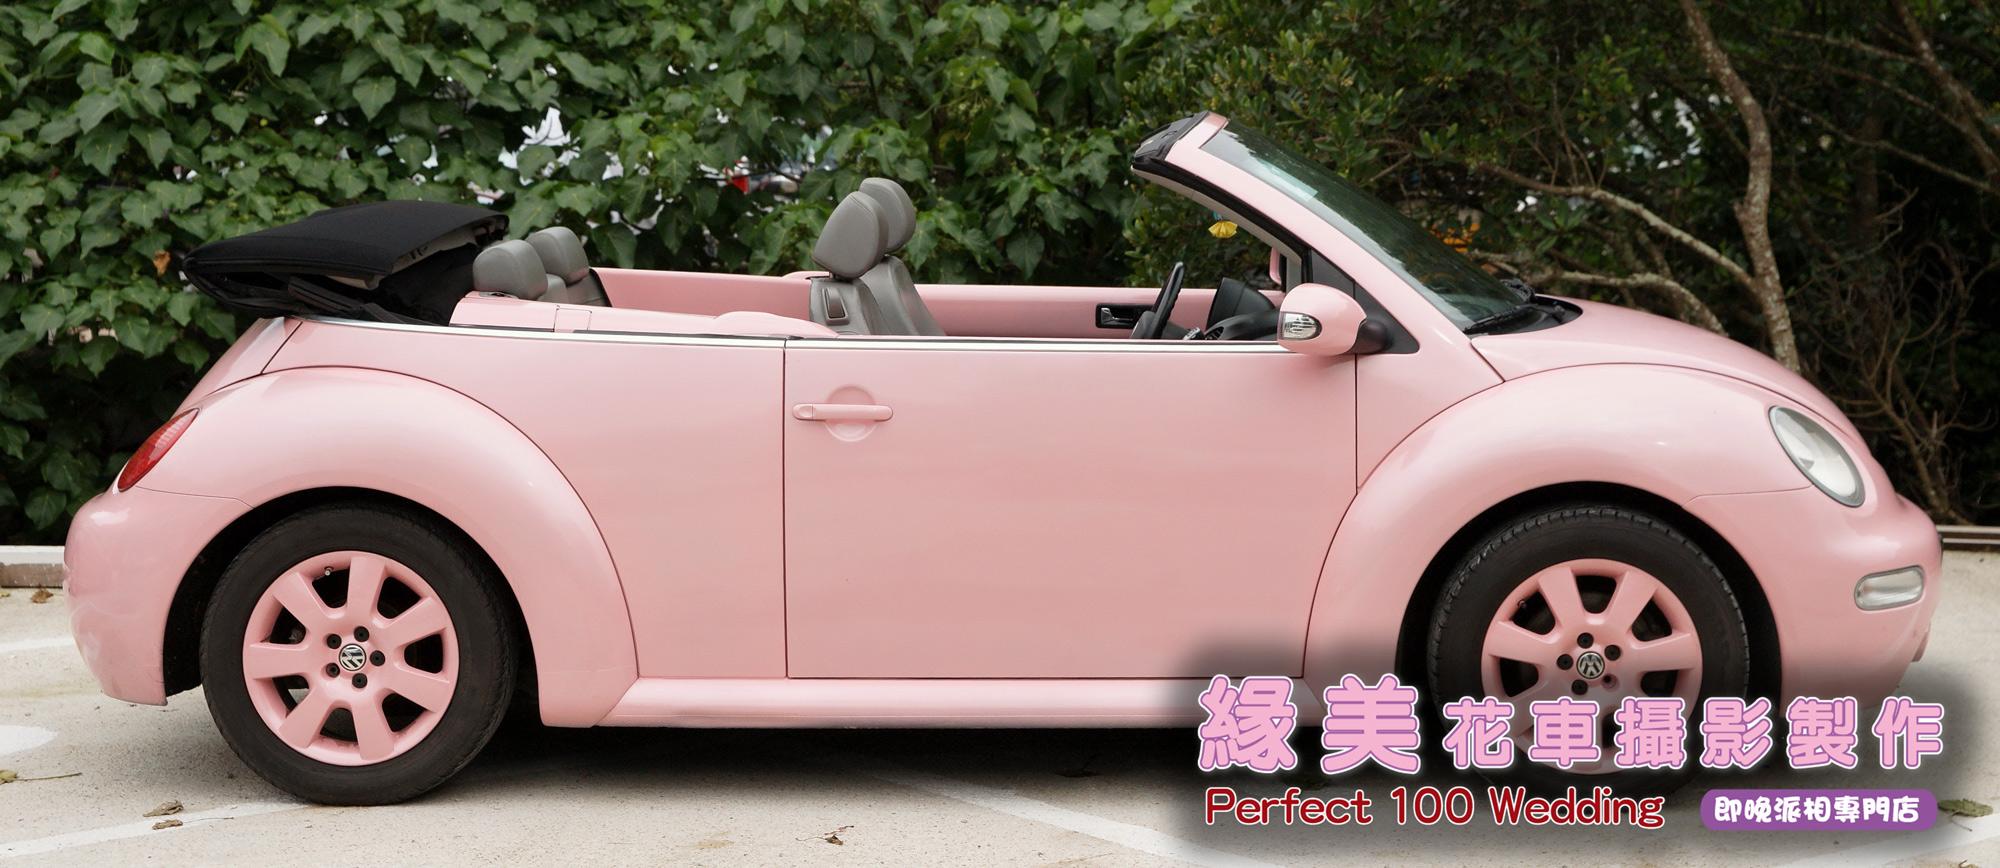 甲蟲-淺粉紅-4e